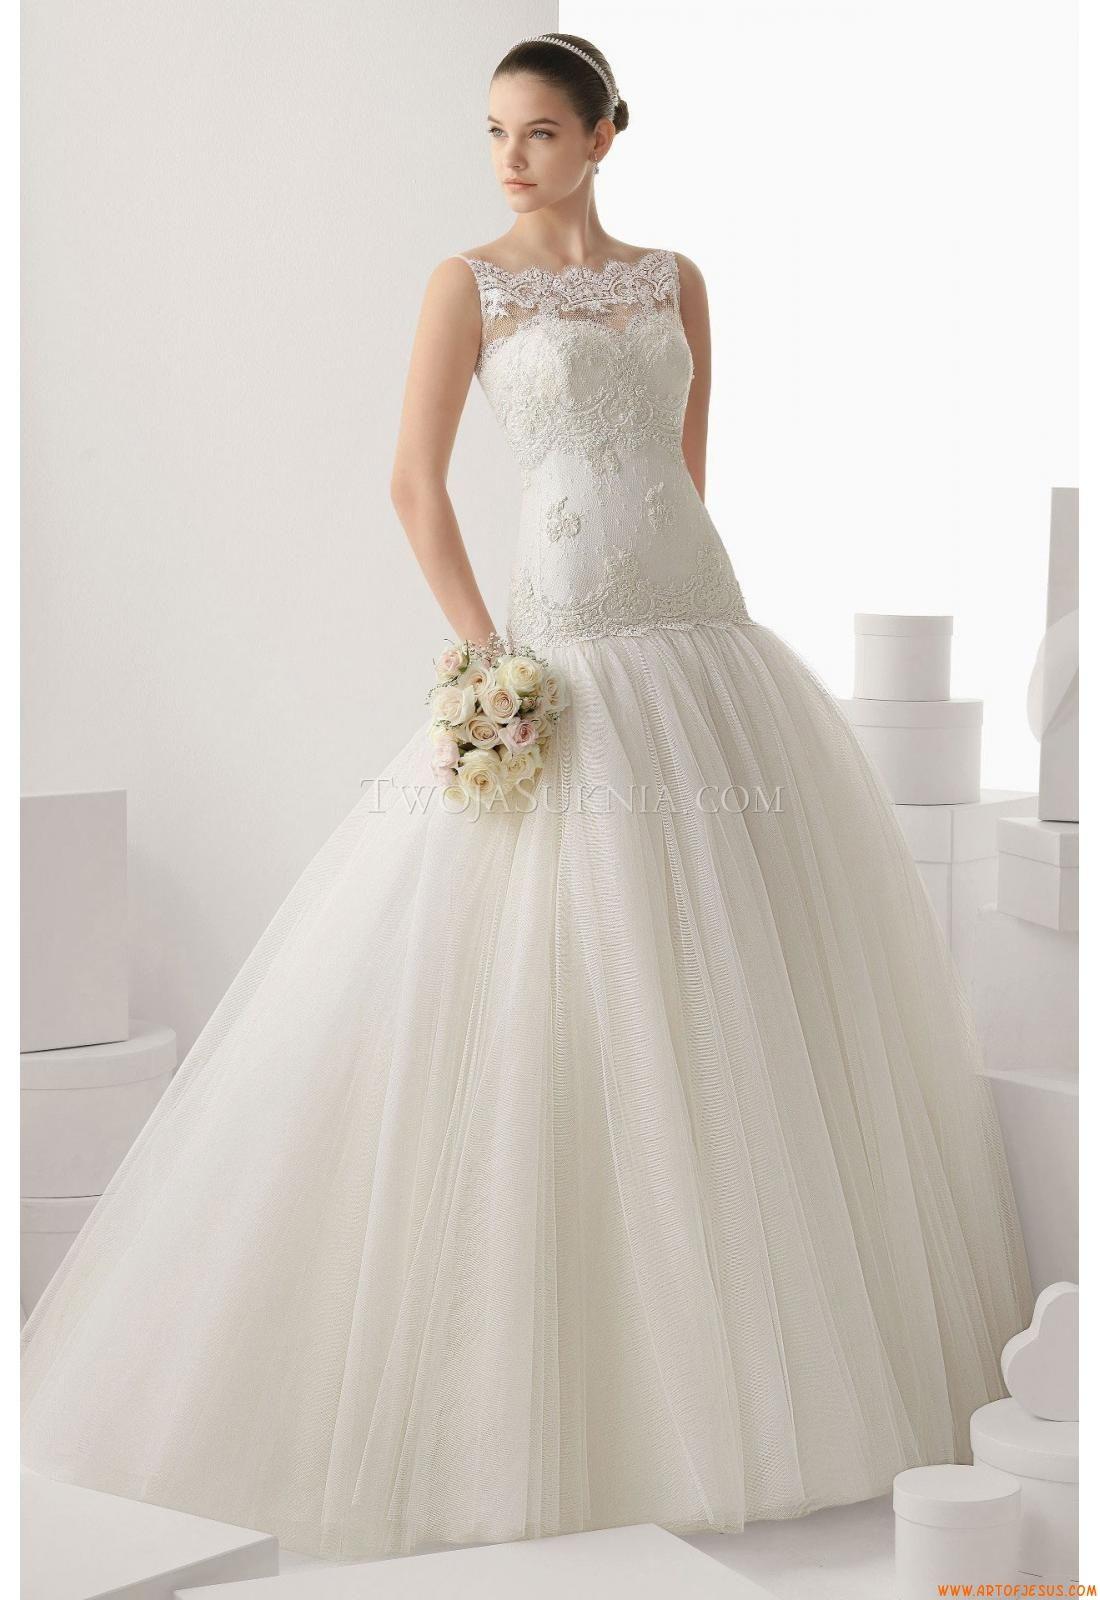 Wedding dresses rosa clara calella wedding dresses rosa